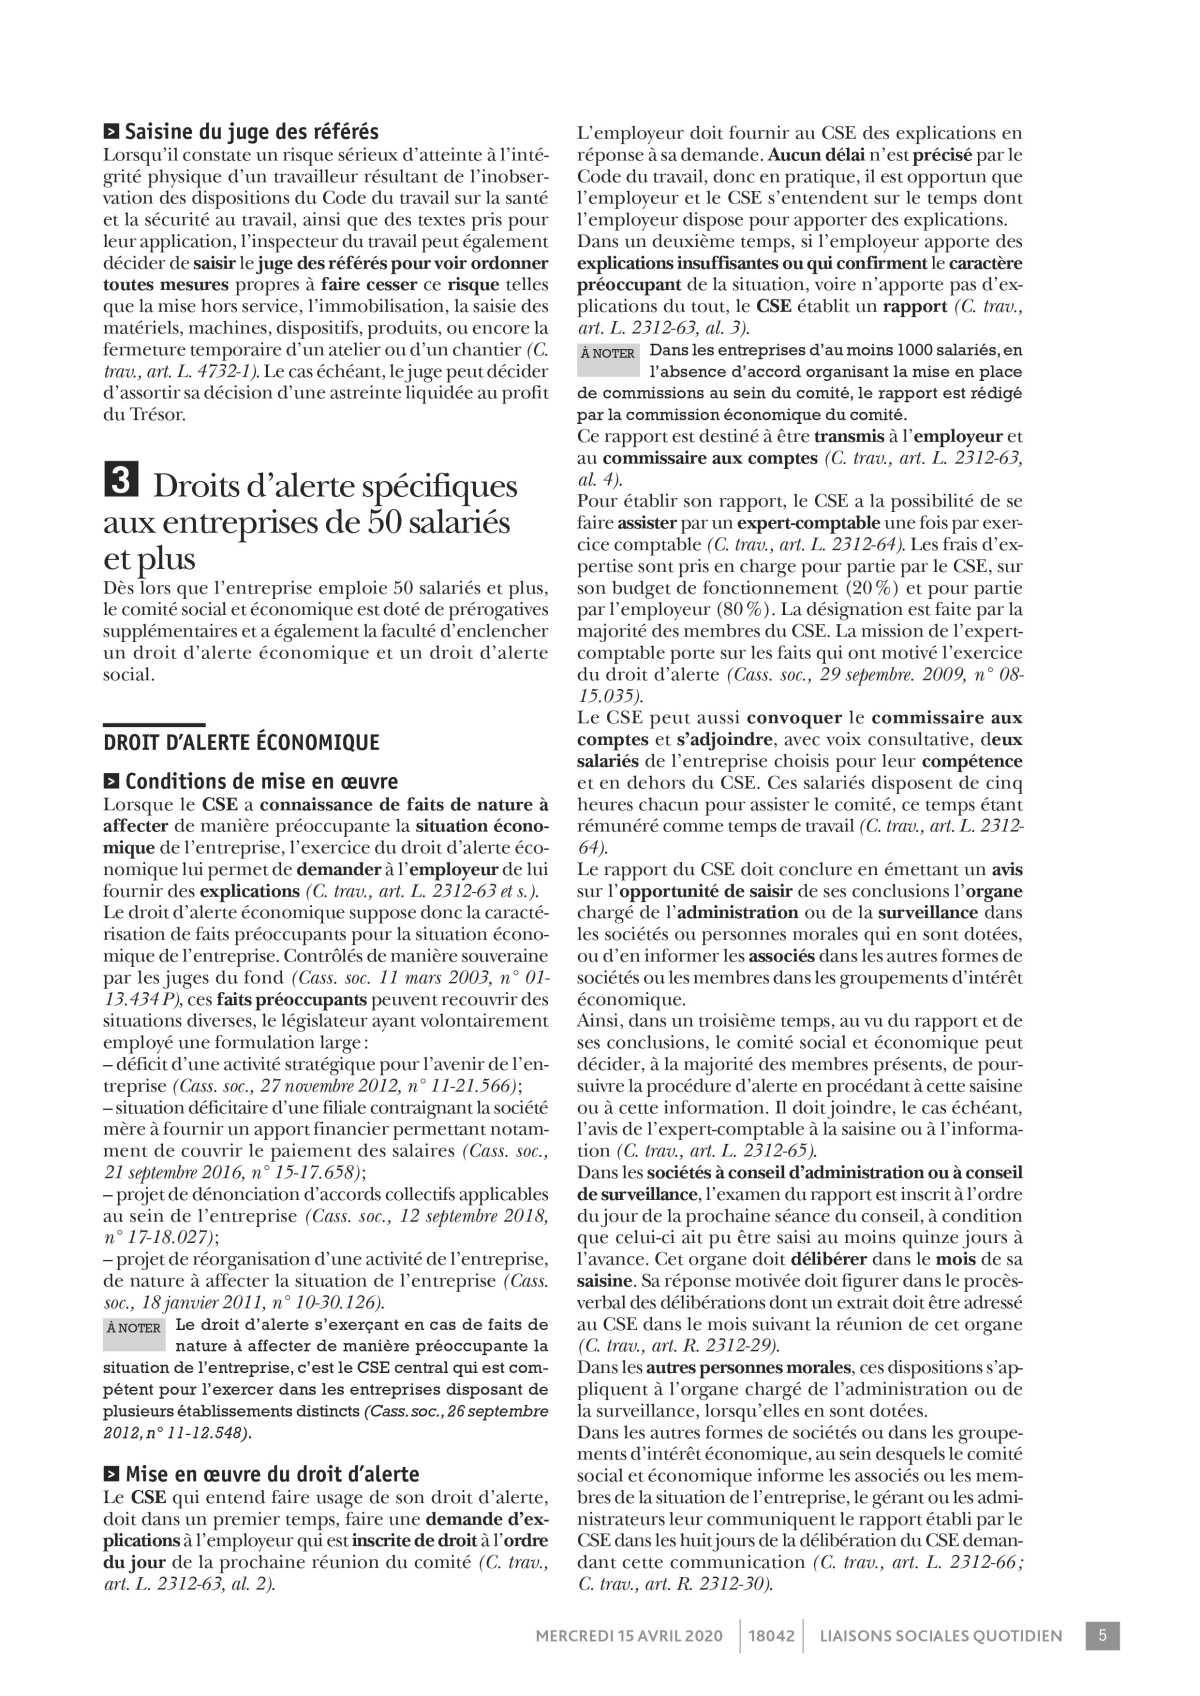 Les droits d' alerte du CSE